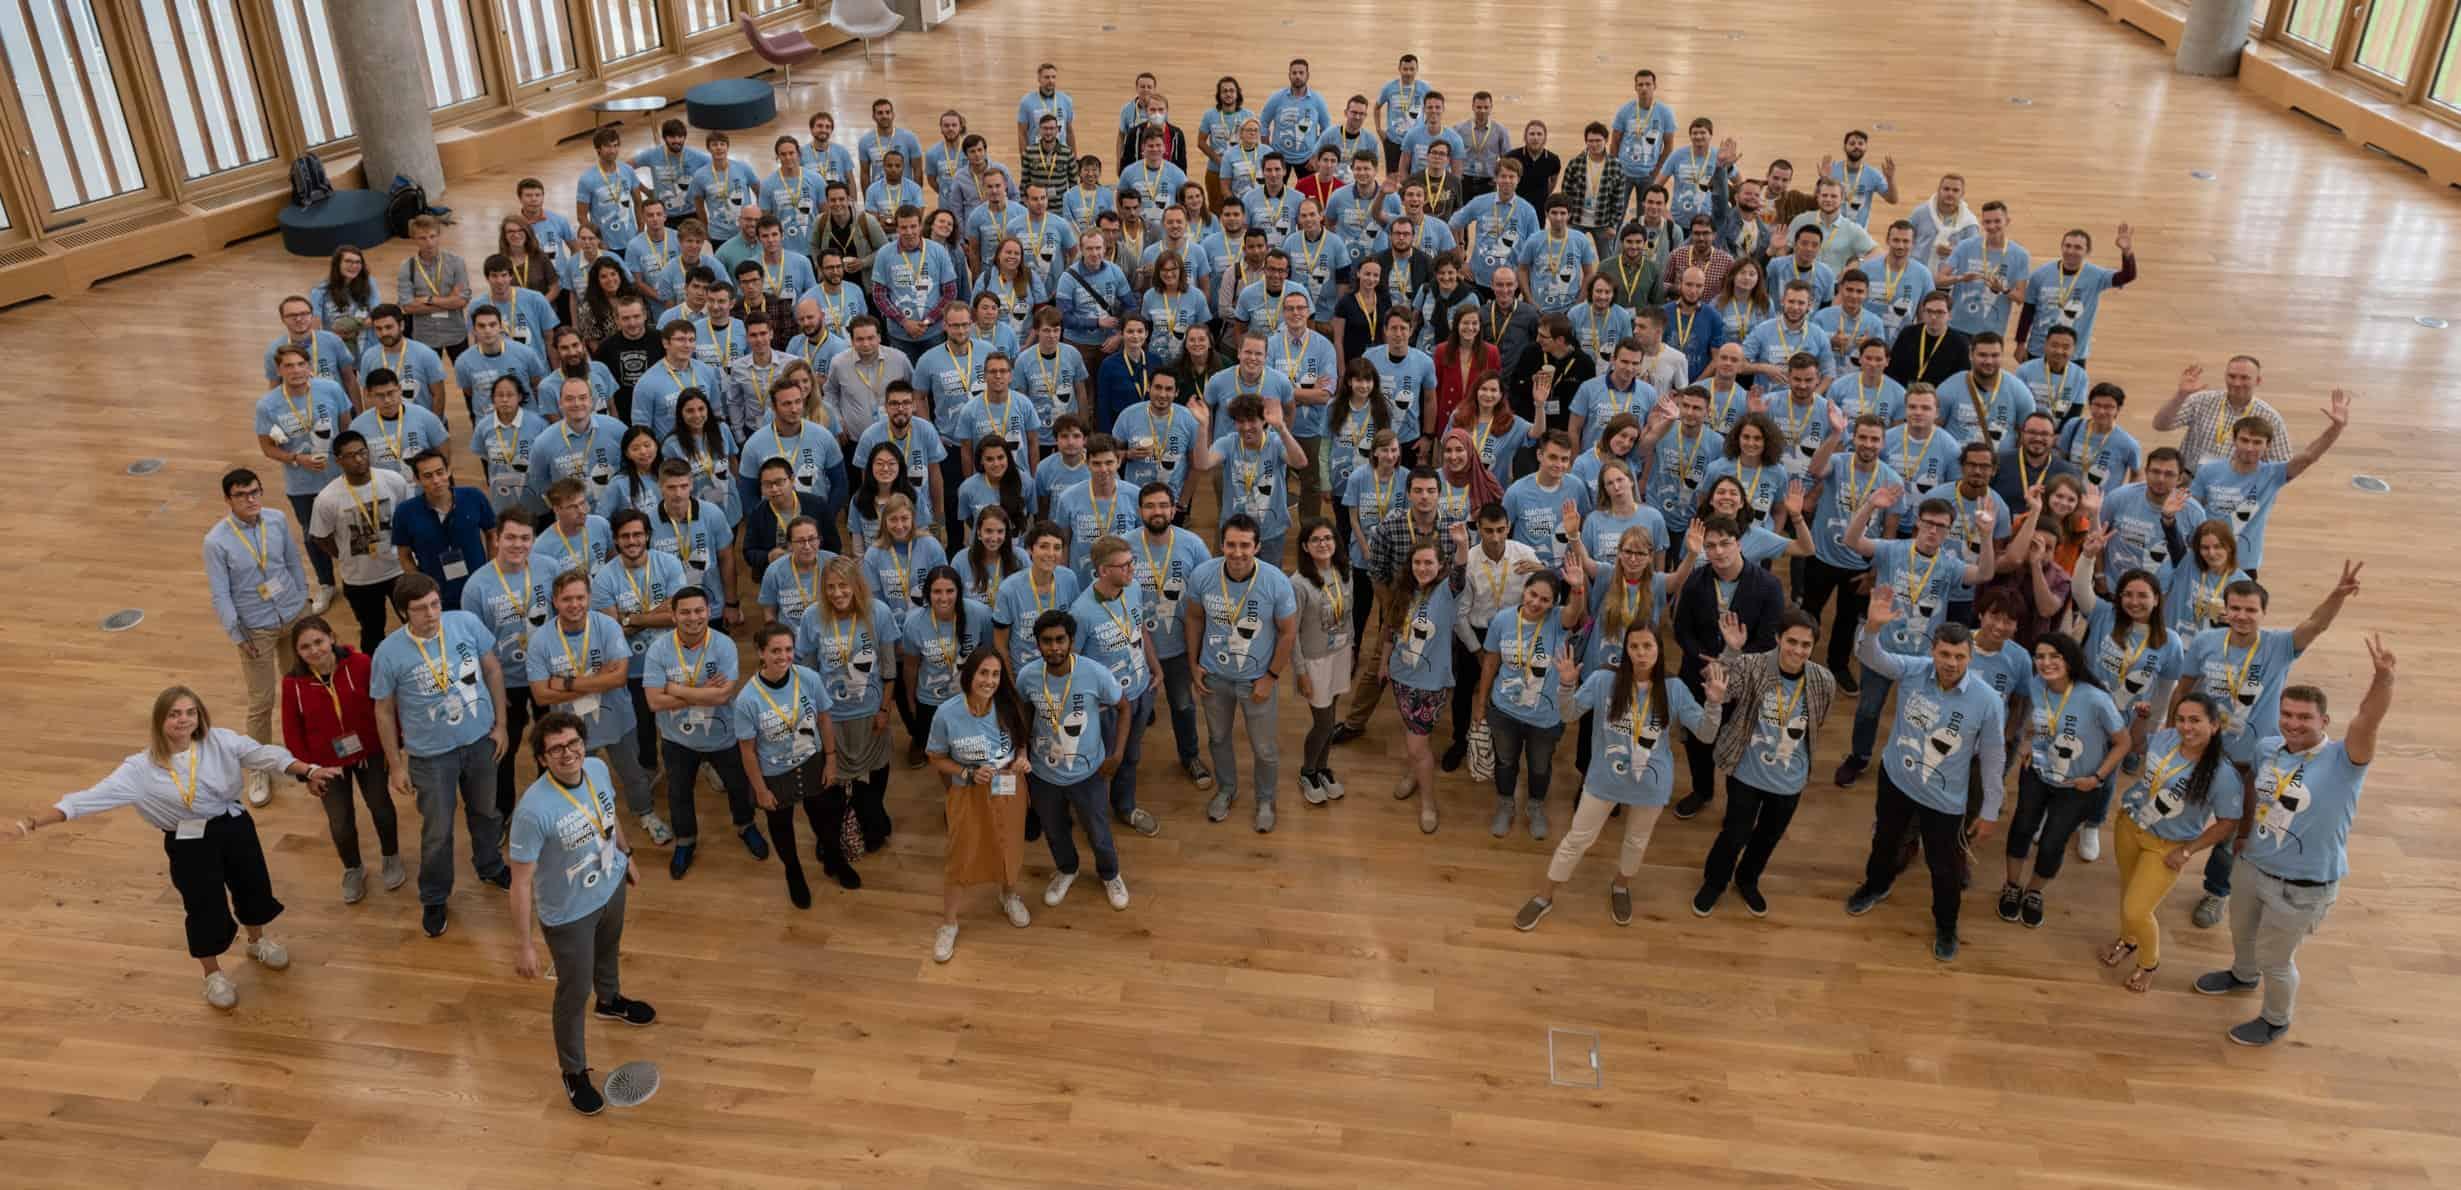 Международная летняя школа по машинному обучению (Machine Learning Summer School – MLSS) впервые прошла в Москве. Соорганизатором и принимающей стороной выступил Сколковский институт науки и технологий. Куратором стал доцент Сколтеха,…